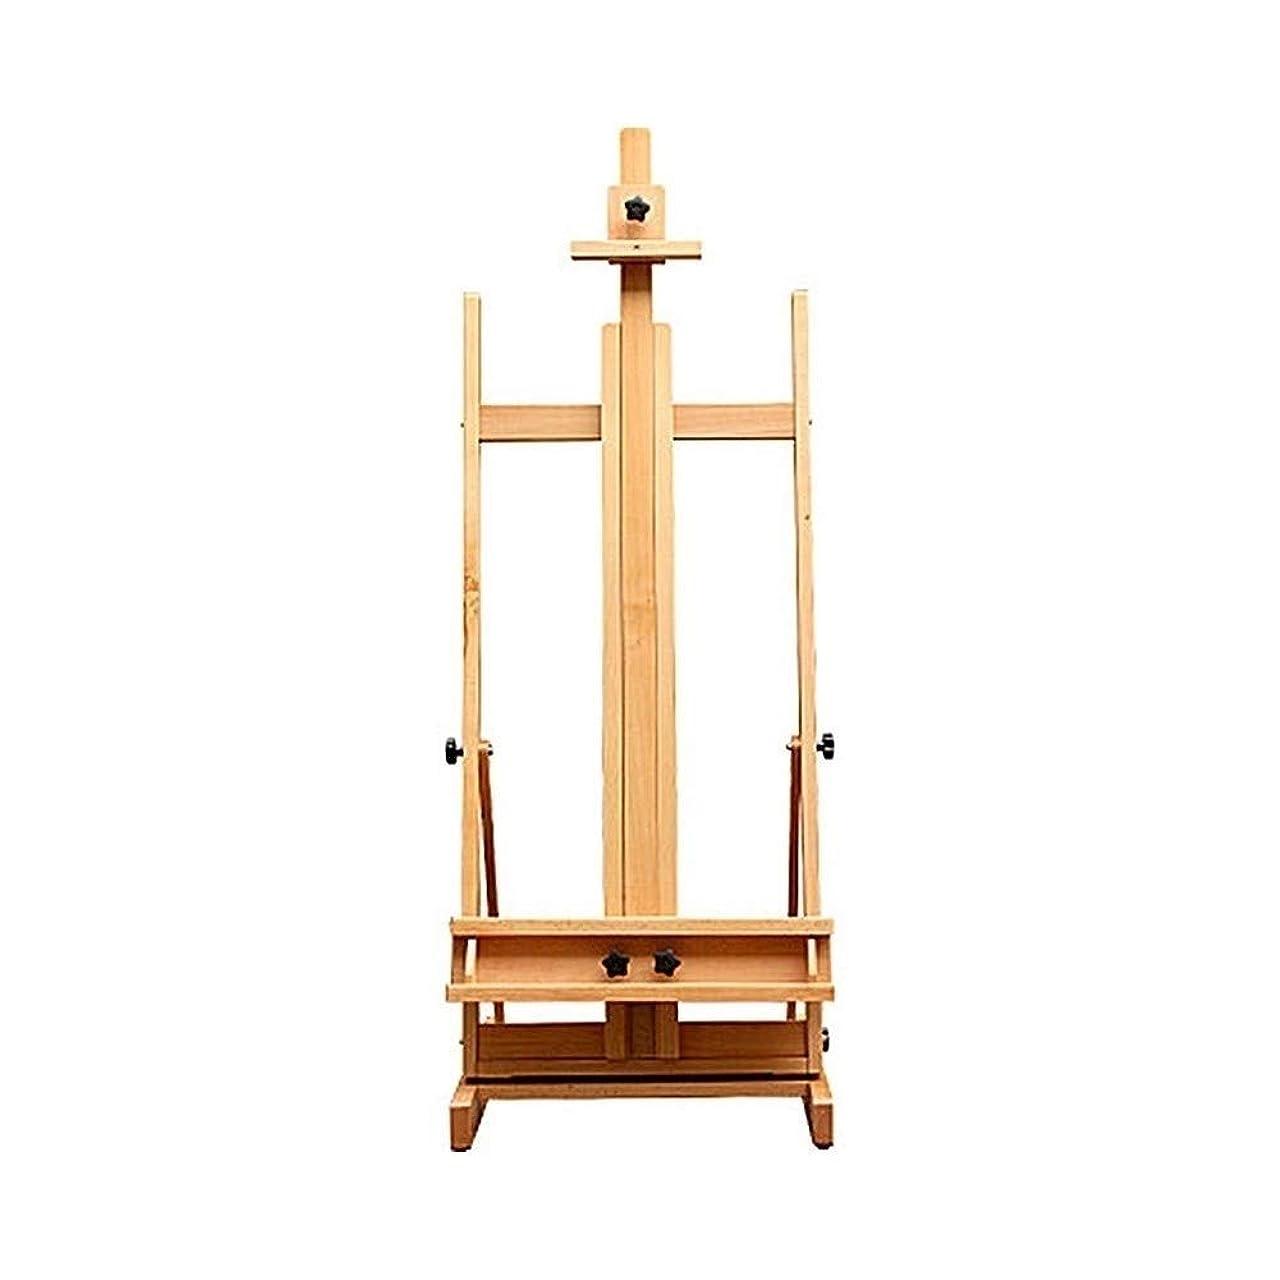 変成器またはどちらか単なる初心者の芸術学生のための木製の床の大きなイーゼル2.2メートル屋内と屋外のイーゼル